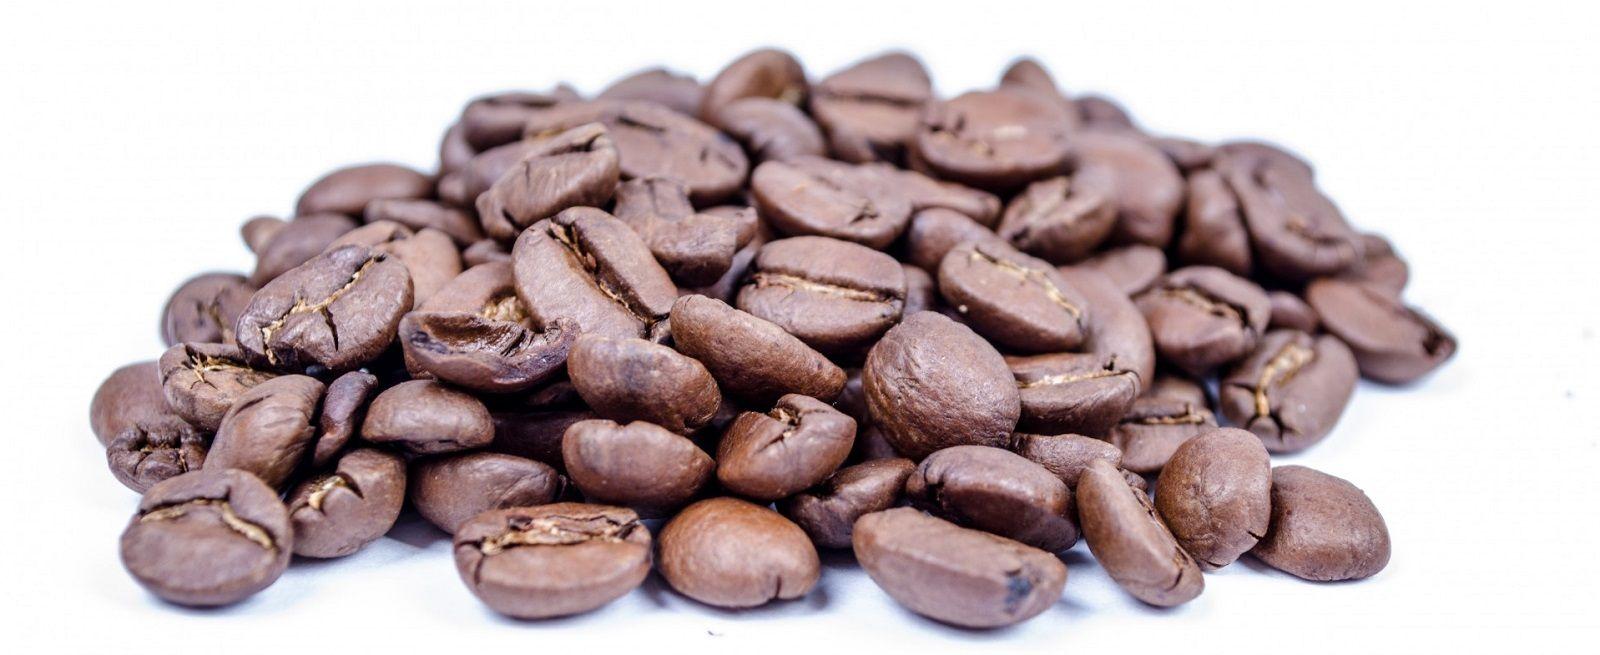 Cioccolato per combattere il mal di testa? Provate ad usare il cacao